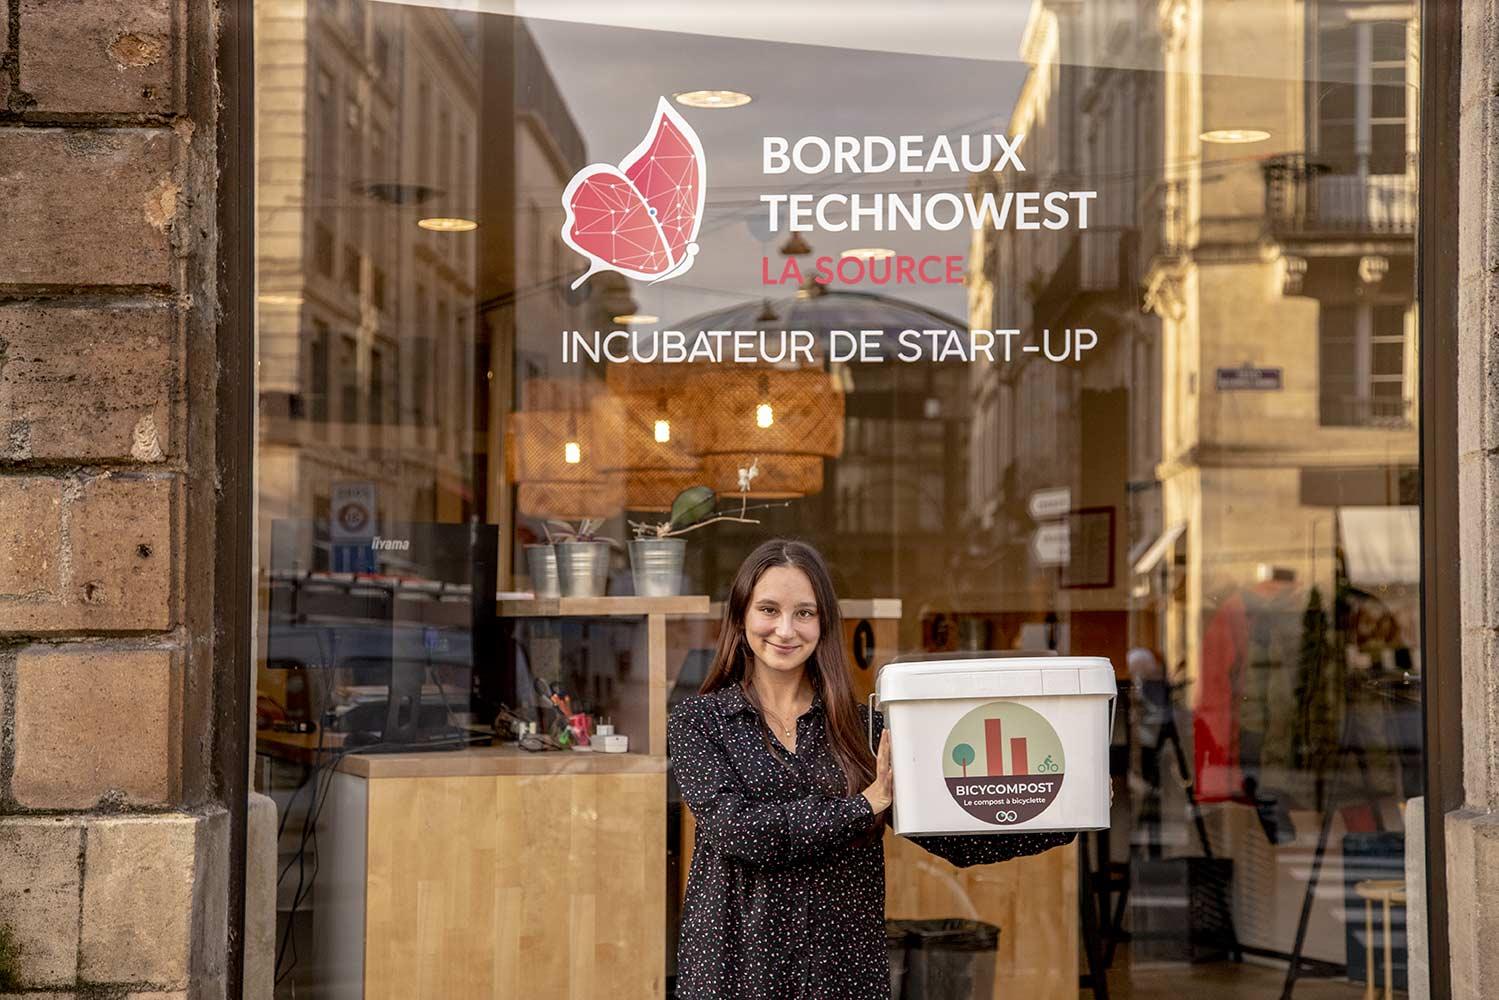 Bordeaux Technowest client BicyCompost